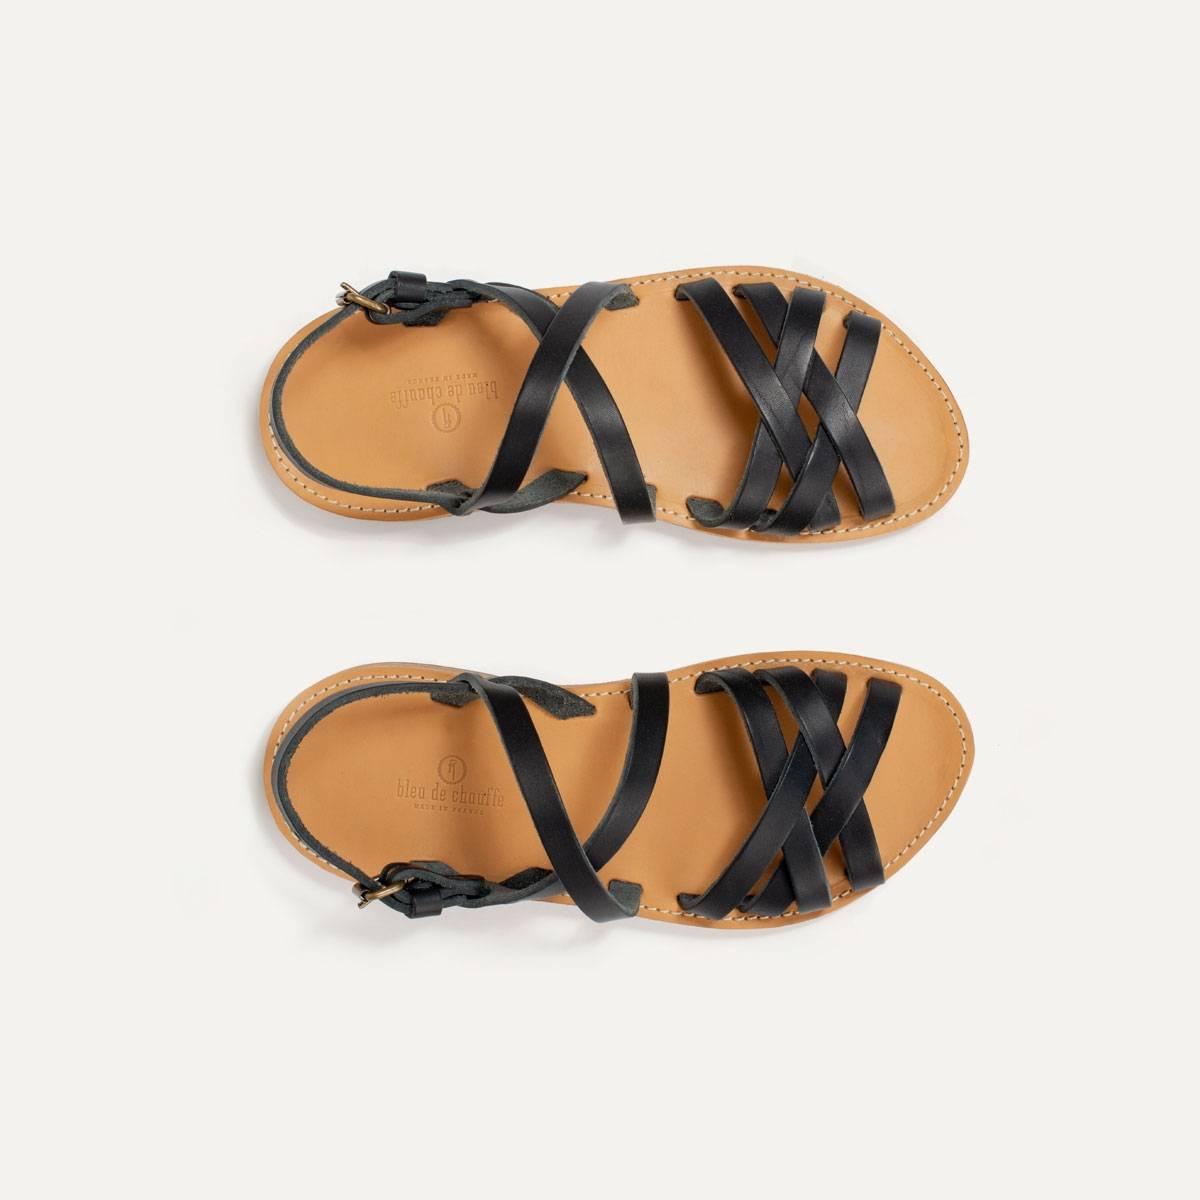 Sandales cuir Majour - Noir (image n°1)